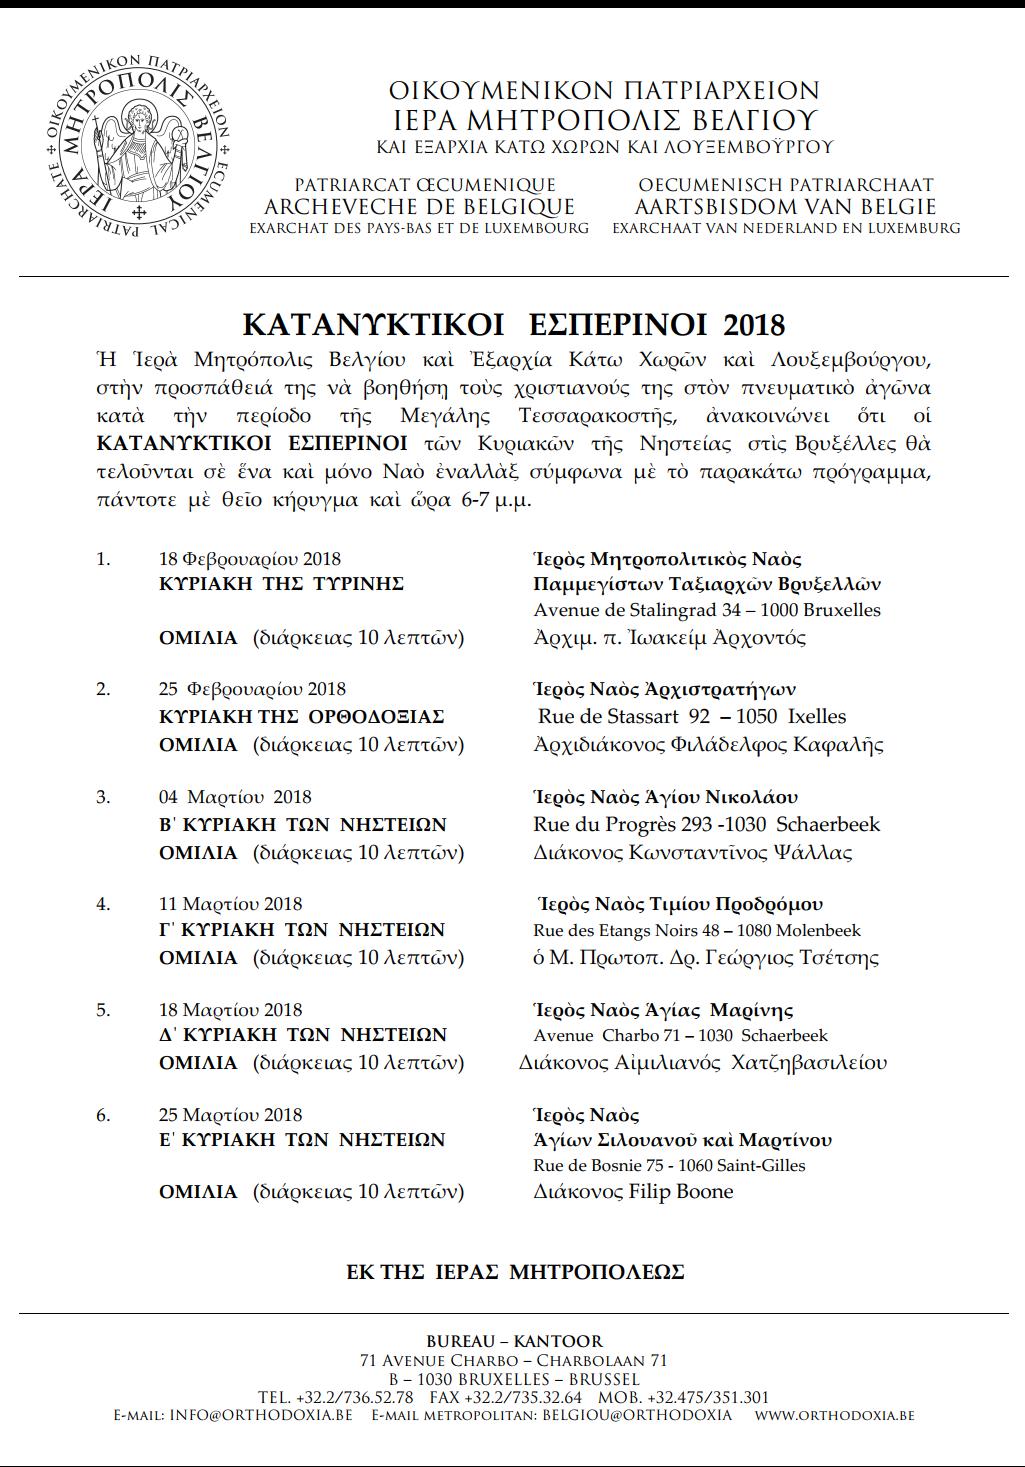 Katanyktikoi esperinoi 2018